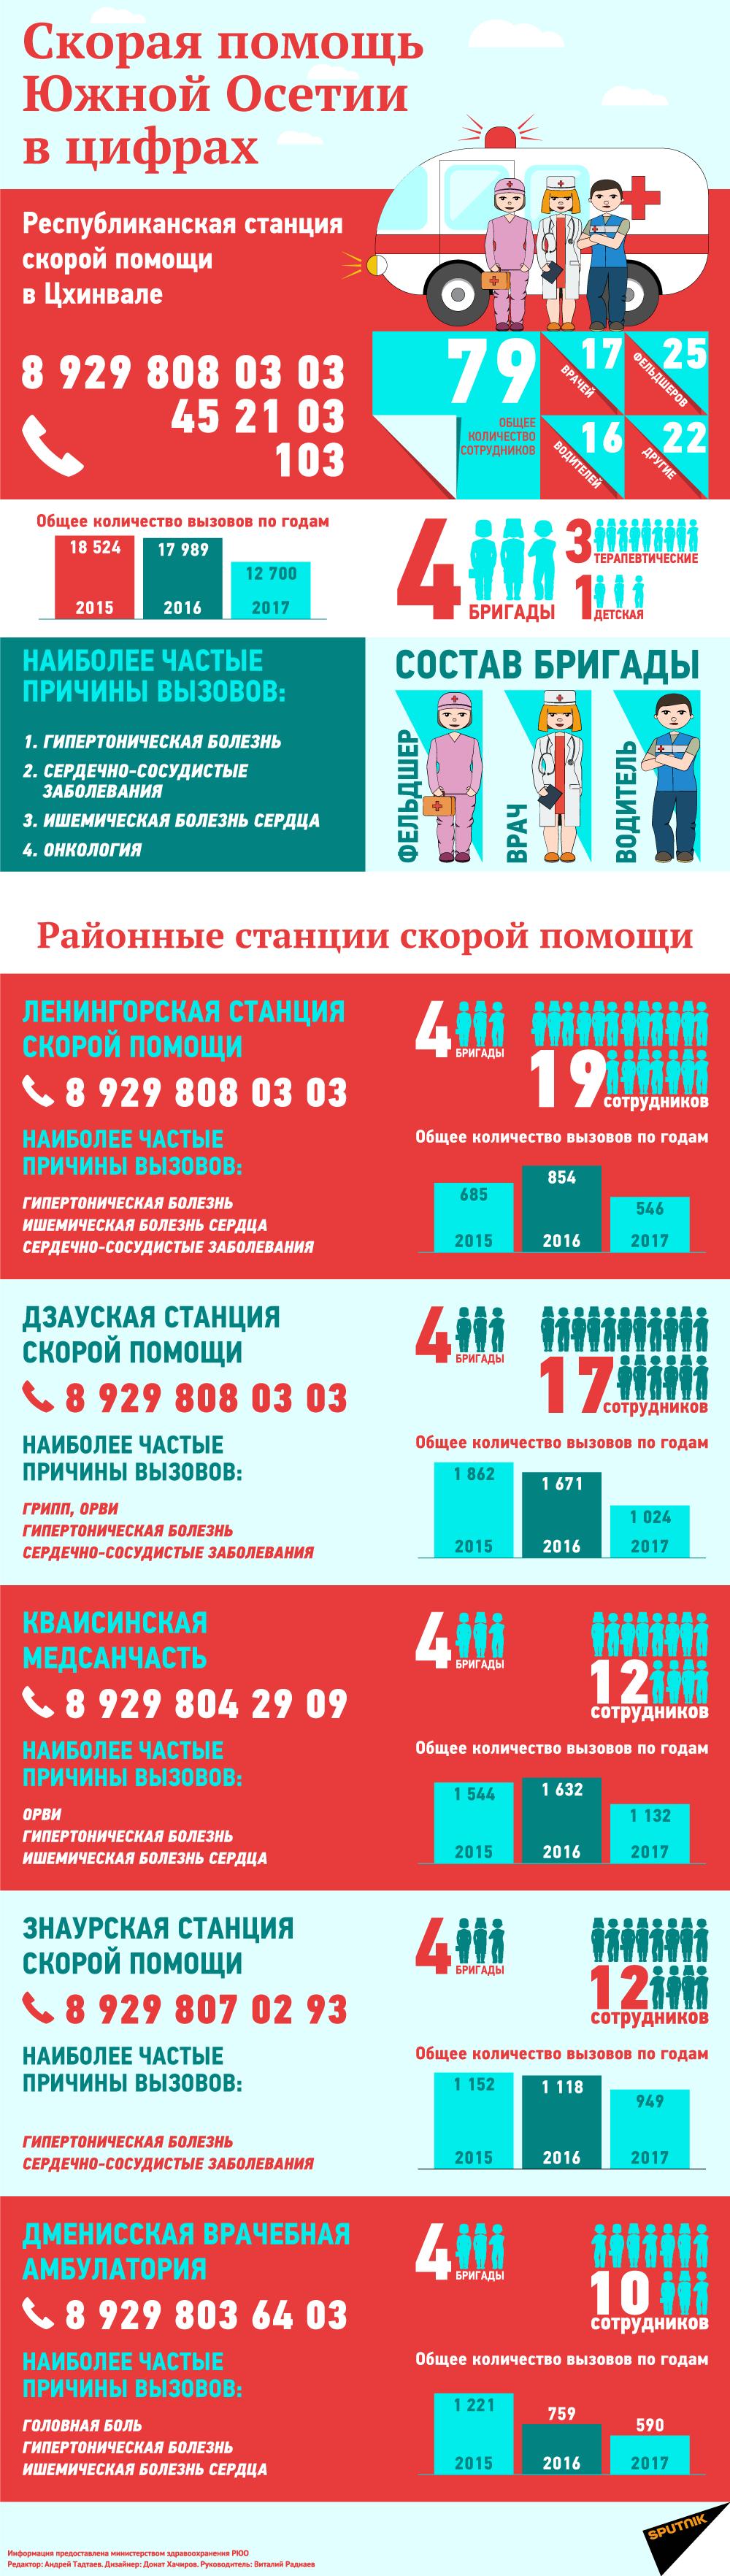 Скорая помощь  Южной Осетии  в цифрах